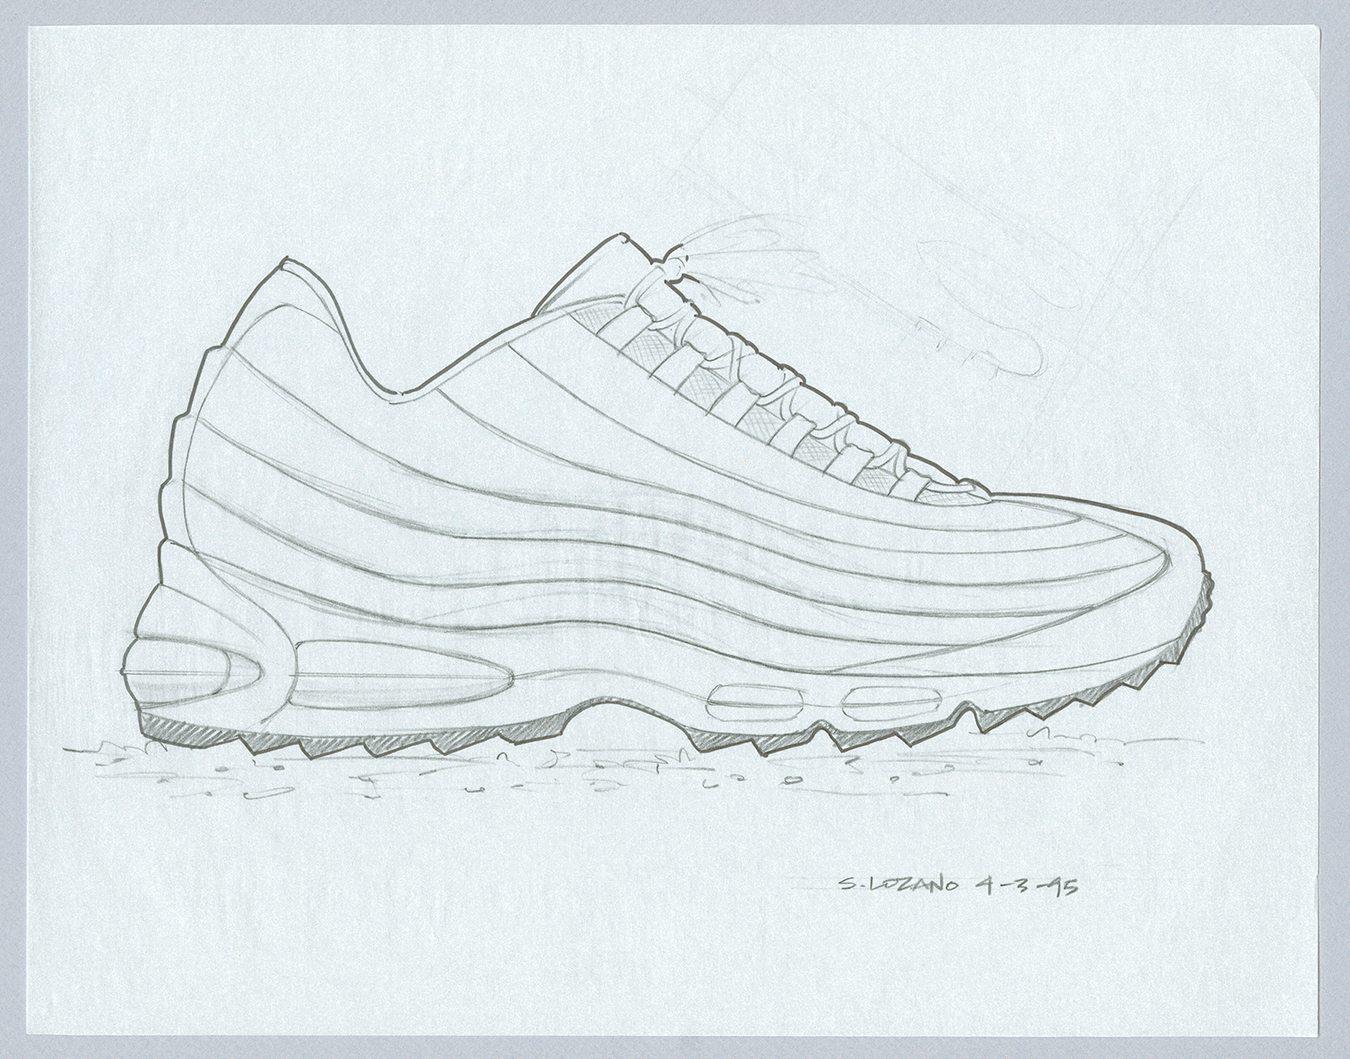 Nike Air Max 95 9